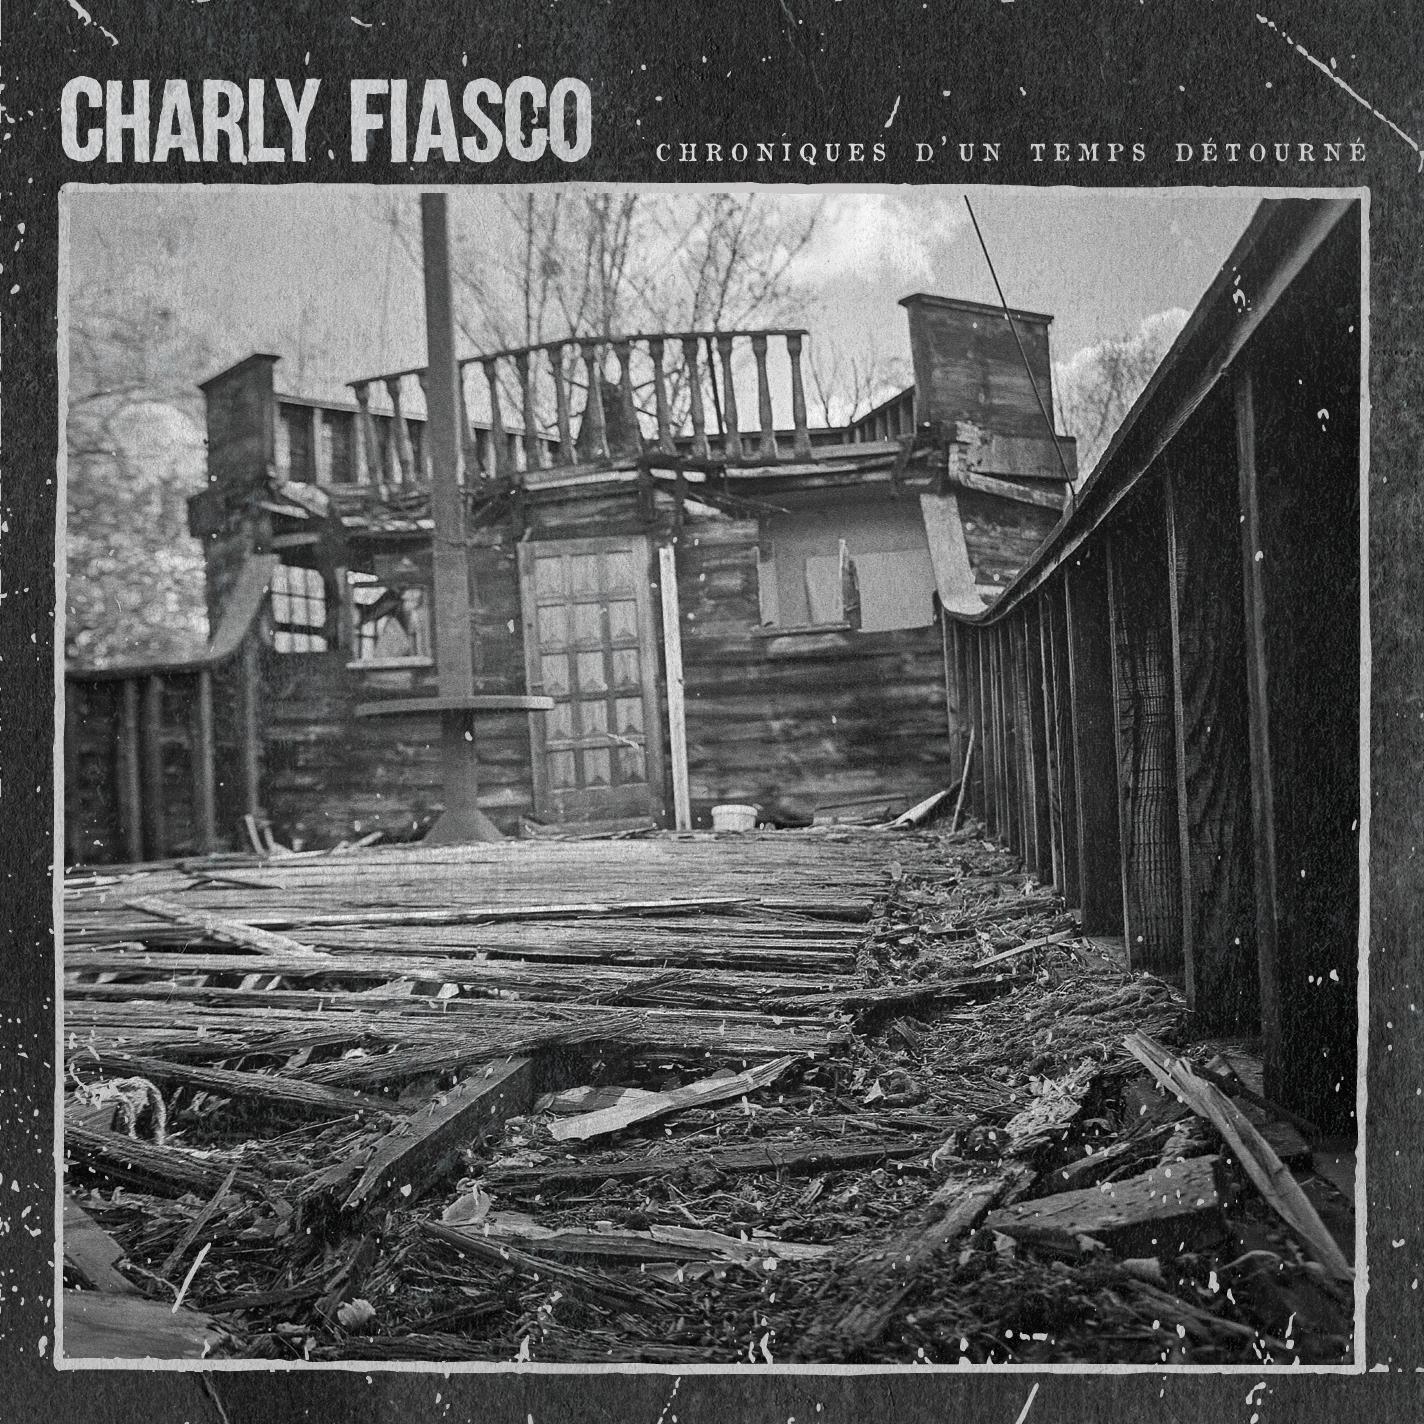 Charly Fiasco - chroniques d'un temps détourné